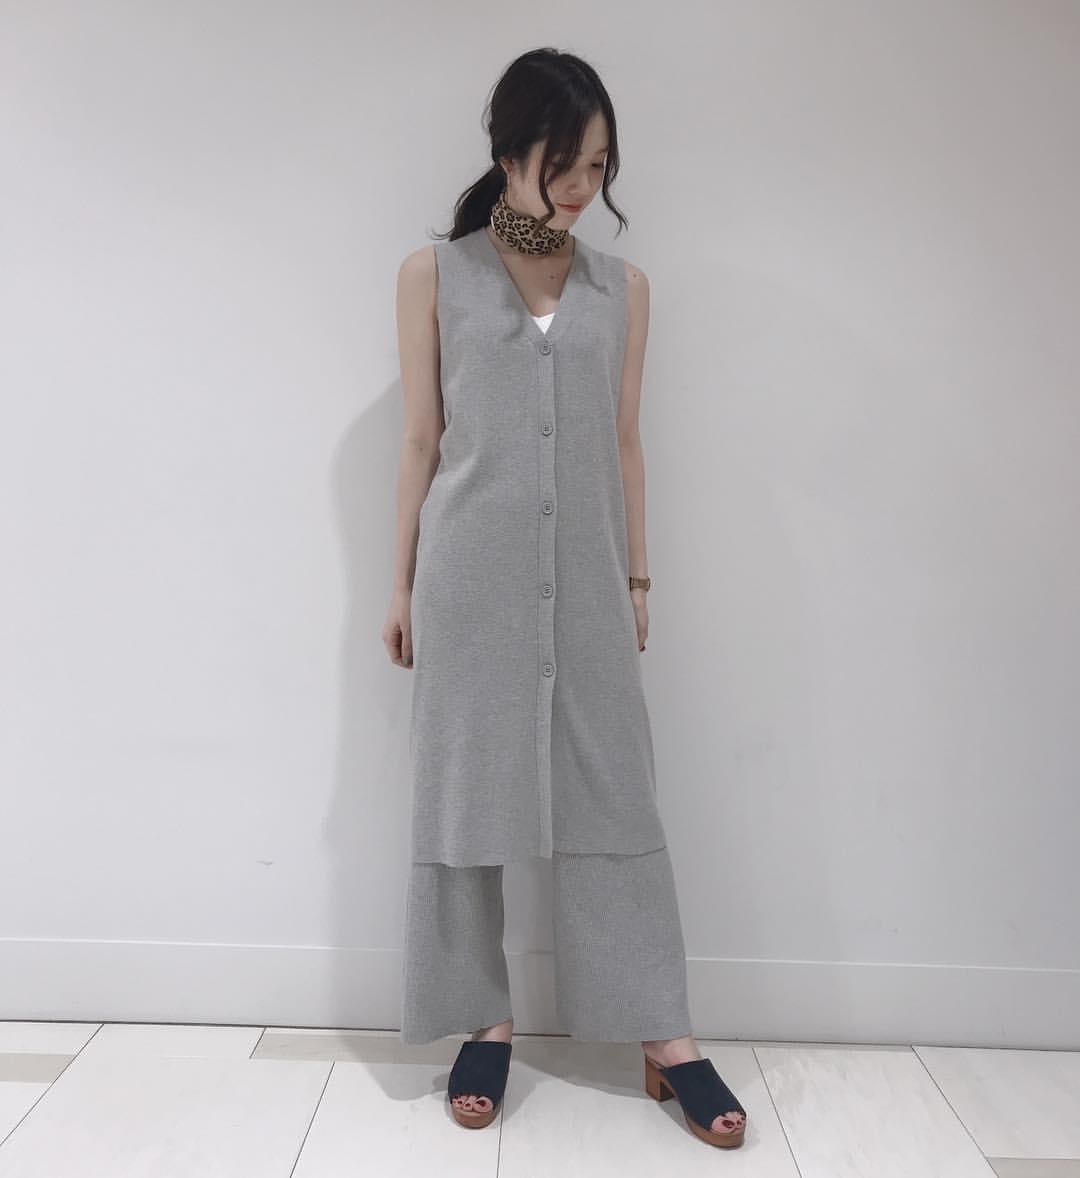 最高気温16度・最低気温3度 hikari_k0122の服装